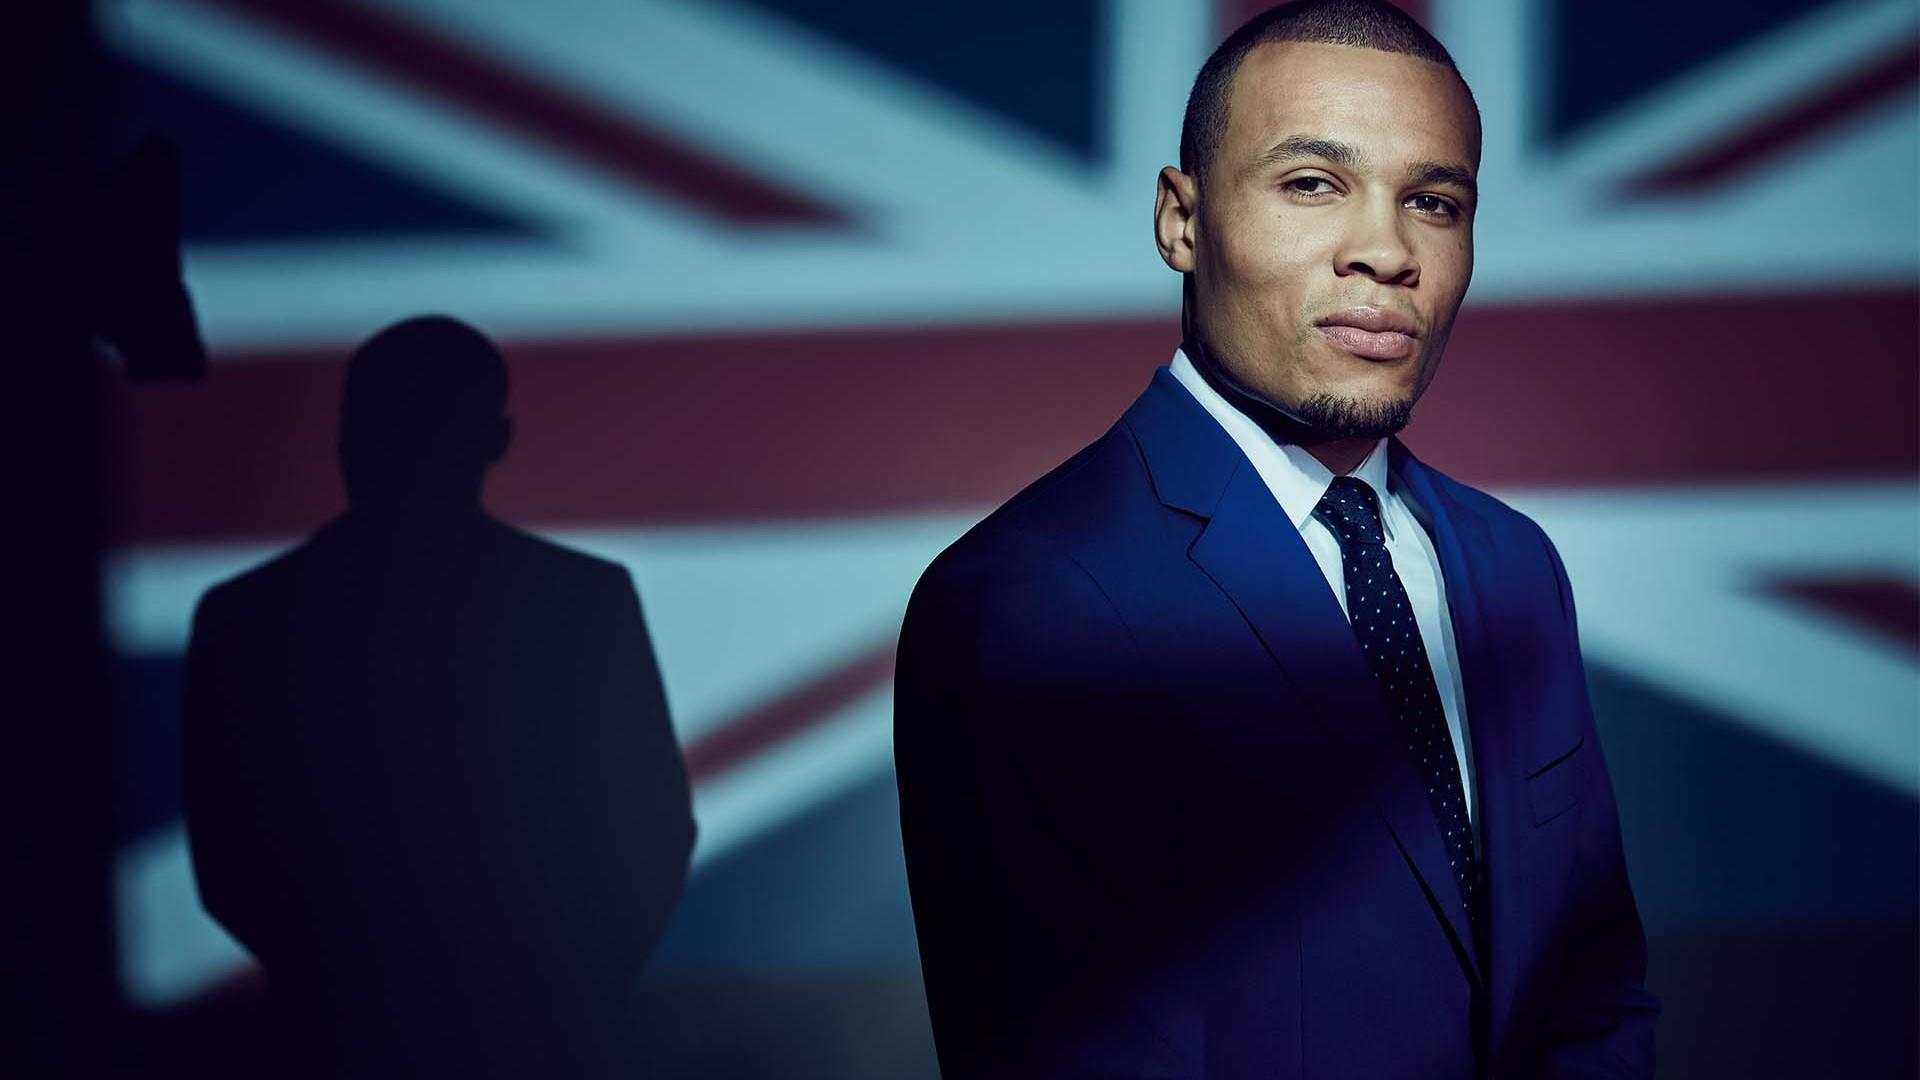 British boxers: Chris Eubank Jr